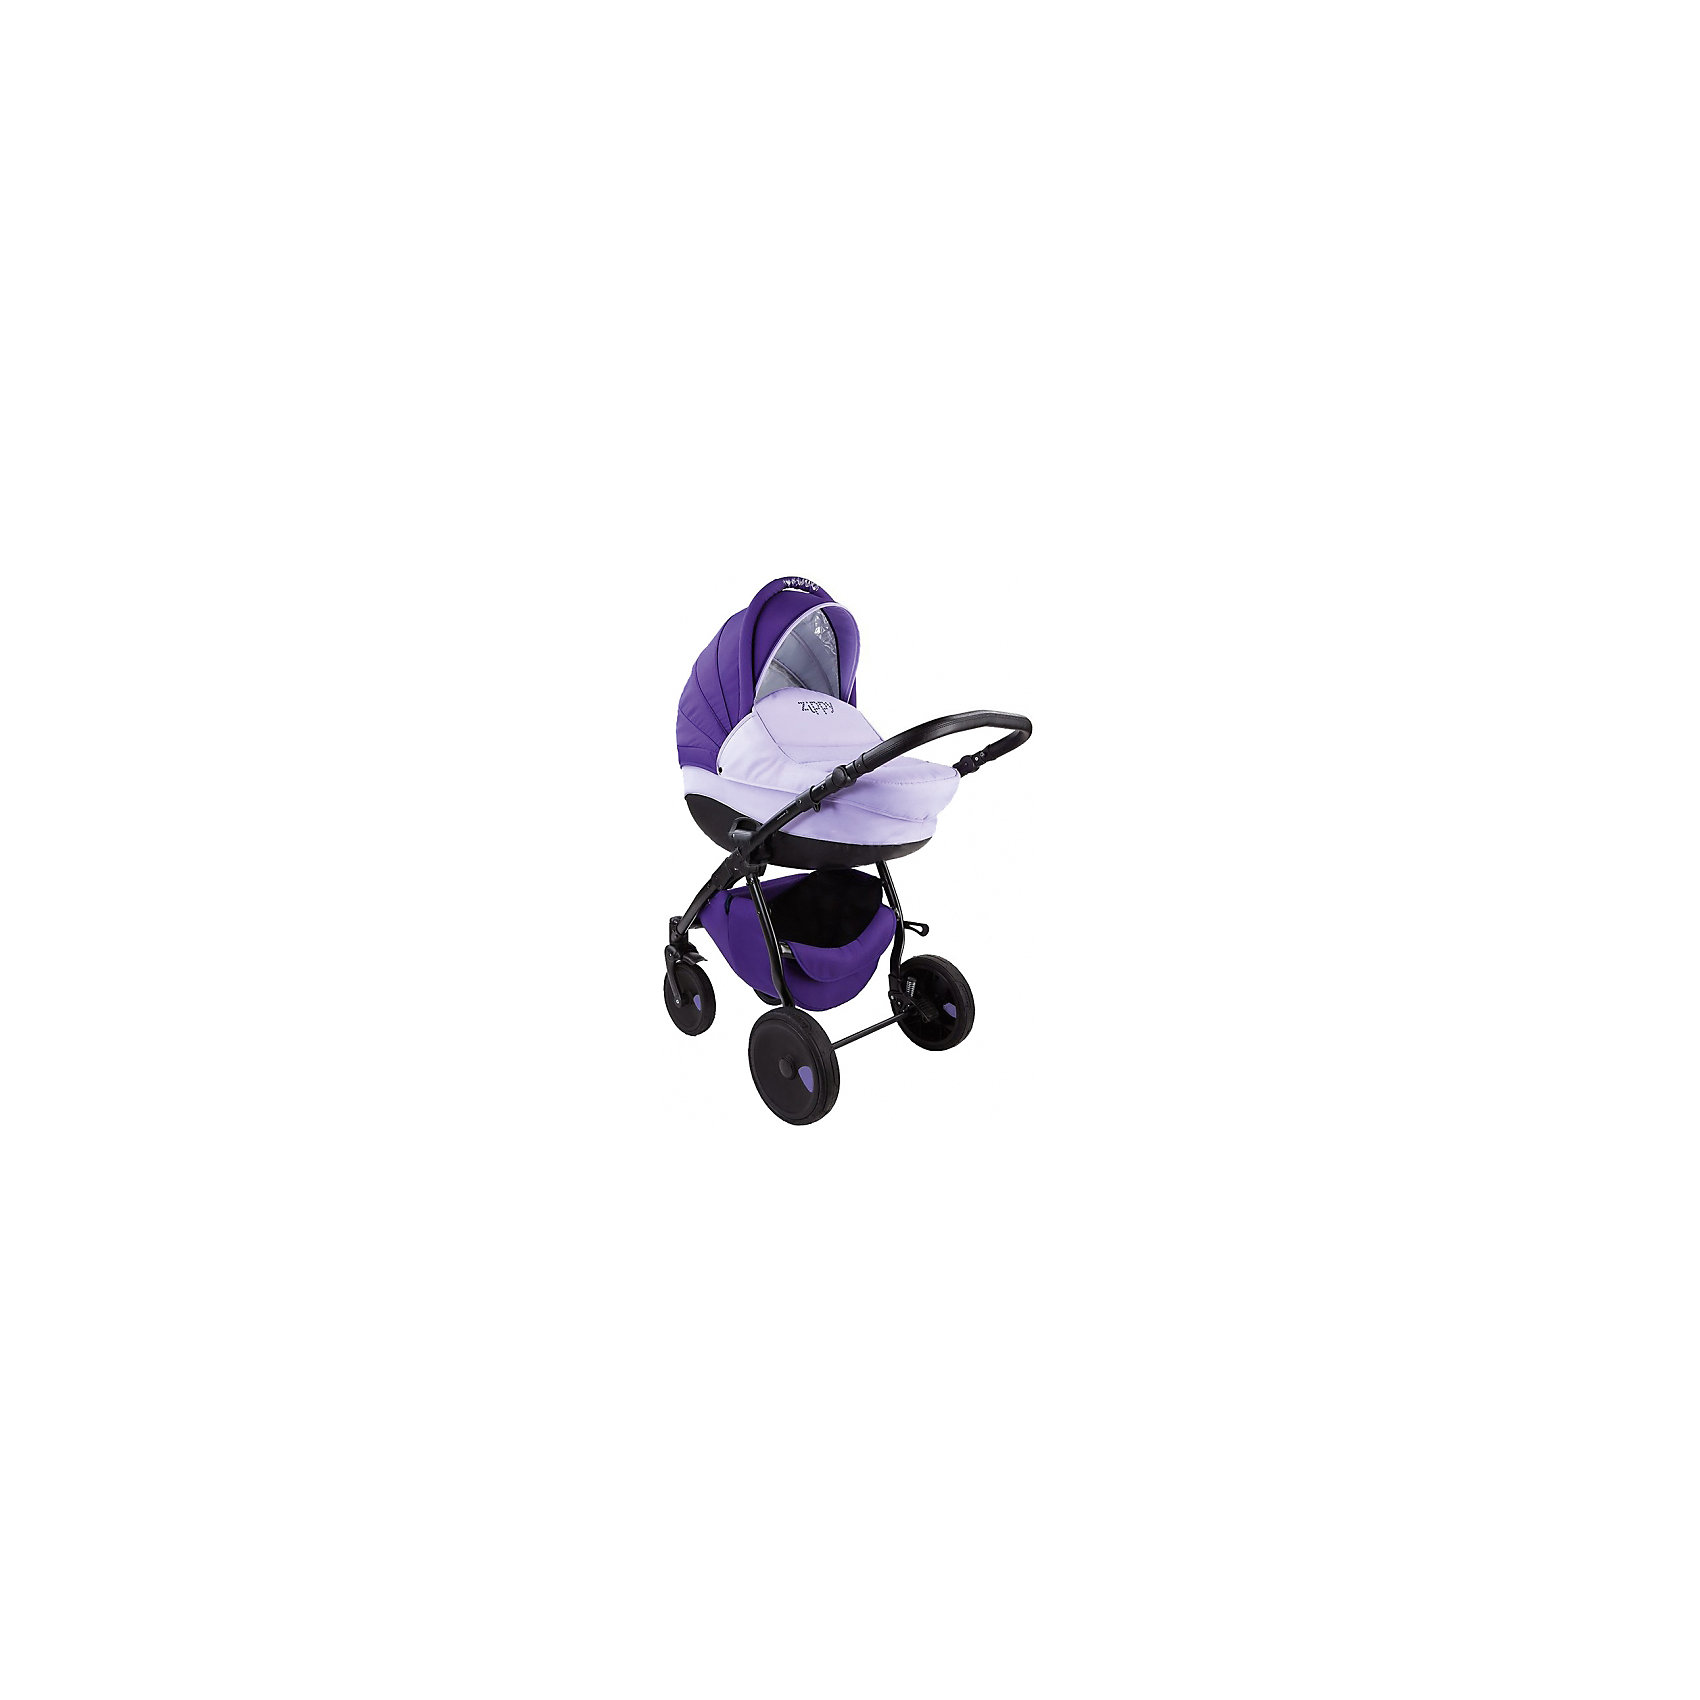 Коляска 2 в 1 Zippy New, Tutis, темно-фиолетовый/светло-фиолетовыйКоляска 2 в 1 Zippy New, Tutis, темно-фиолетовый/светло-фиолетовый<br>Коляска Zippy New, Tutis – это просторная глубокая люлька, прогулочный блок и шасси на которое эти два модуля устанавливаются, как лицом к маме, так и наоборот. Коляска имеет надувные колеса, передние - поворотные с блокировкой, задние - с ножными тормозами. Большой регулируемый капюшон с удобной ручкой надежно защищает малыша. Заднюю часть капюшона можно отстегнуть, получается летний вариант с москитной сеткой и тентом от солнца. Предусмотрен встроенный козырёк с силиконовой вставкой. Люлька с вентиляционными отверстиями в нижней части имеет жесткий каркас. Внутри люльки - тканевое покрытие и матрасик из кокосового волокна со съемным чехлом. Имеется регулируемый подголовник. Прогулочный блок имеет широкое сидение. Наклон спинки регулируется в 4 положениях вплоть до горизонтального. Имеется покрытая силиконом регулируемая подножка (3 положения), регулируемые пятиточечные ремни безопасности с мягкими накладками, мягкий матрасик вкладыш, накидка на ножки, мягкий съемный бампер обтянутый силиконовой пленкой. Регулируемая ручка коляски отделана эко-кожей. Имеется корзина для покупок и сумка для мамы. Шасси легко и компактно складывается, имеется фиксатор от раскладывания. Все тканевые покрытия коляски изготовлены из прочной, но нежной х/б ткани, технология SILVER PLUS обеспечивает защиту от микробов и аллергенов.<br><br>Дополнительная информация:<br><br>- В комплекте: люлька, прогулочный блок, шасси,сумка для мамы, корзина для покупок,чехол на ножки (для люльки и прогулочного блока), москитная сетка, дождевик, матрас для люльки, матрасик-вкладыш для прогулочного блока<br>- Функция качания (когда люлька лежит на полу)<br>- Размер: шасси в разложенном виде 84х62х101 см; шасси в сложенном виде 89х62х38 см.<br>- Размеры: люлька внешний размер 87х39х22 см, внутренний 76х36 см; прогулочный блок внешний размер 95х39х24 см. внутренний 90х39 см.